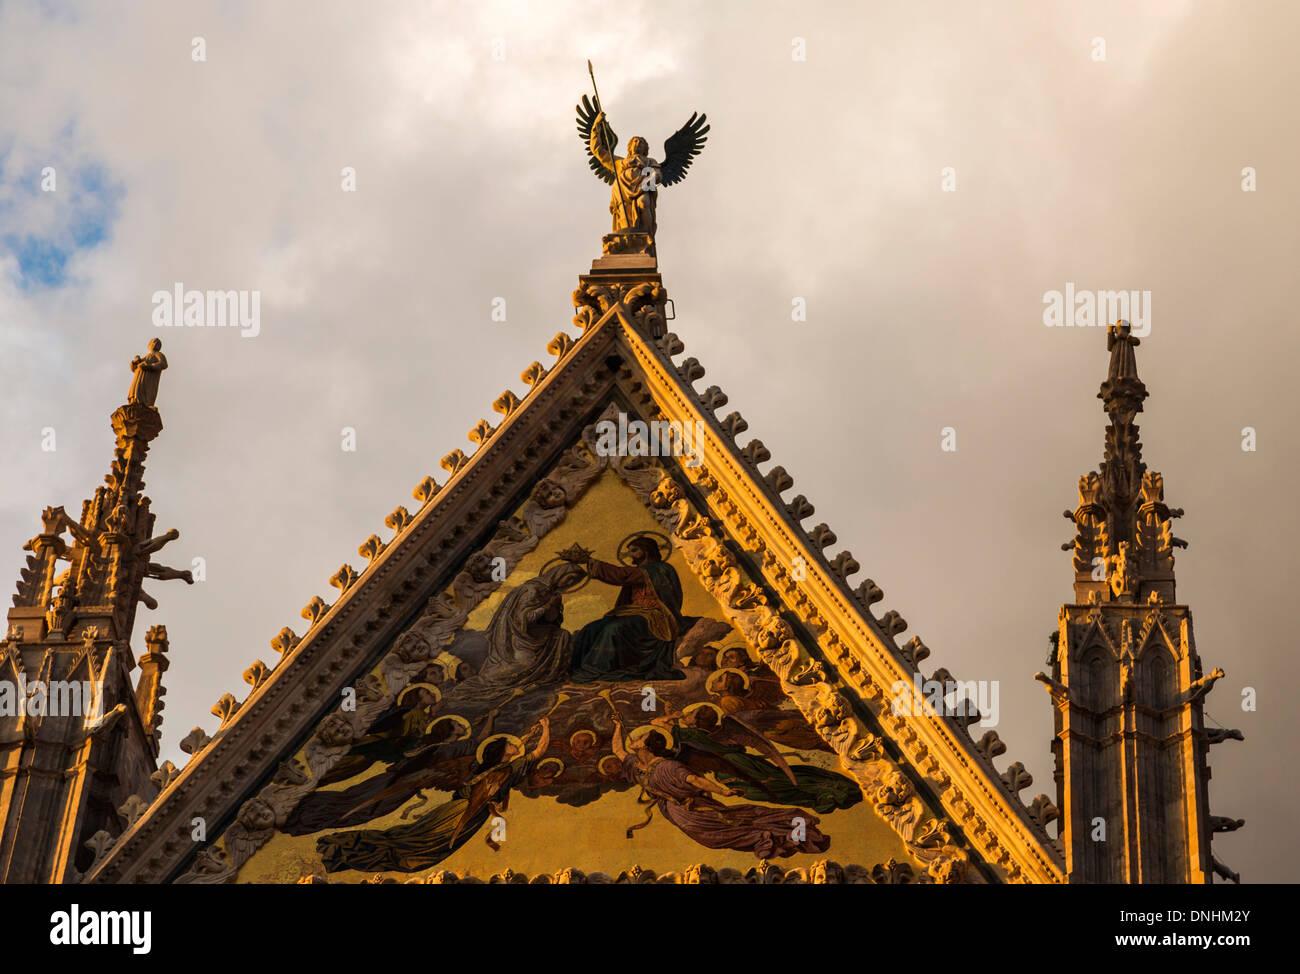 Architektonisches Detail von einer Kathedrale, Dom von Siena, Siena, Provinz Siena, Toskana, Italien Stockbild